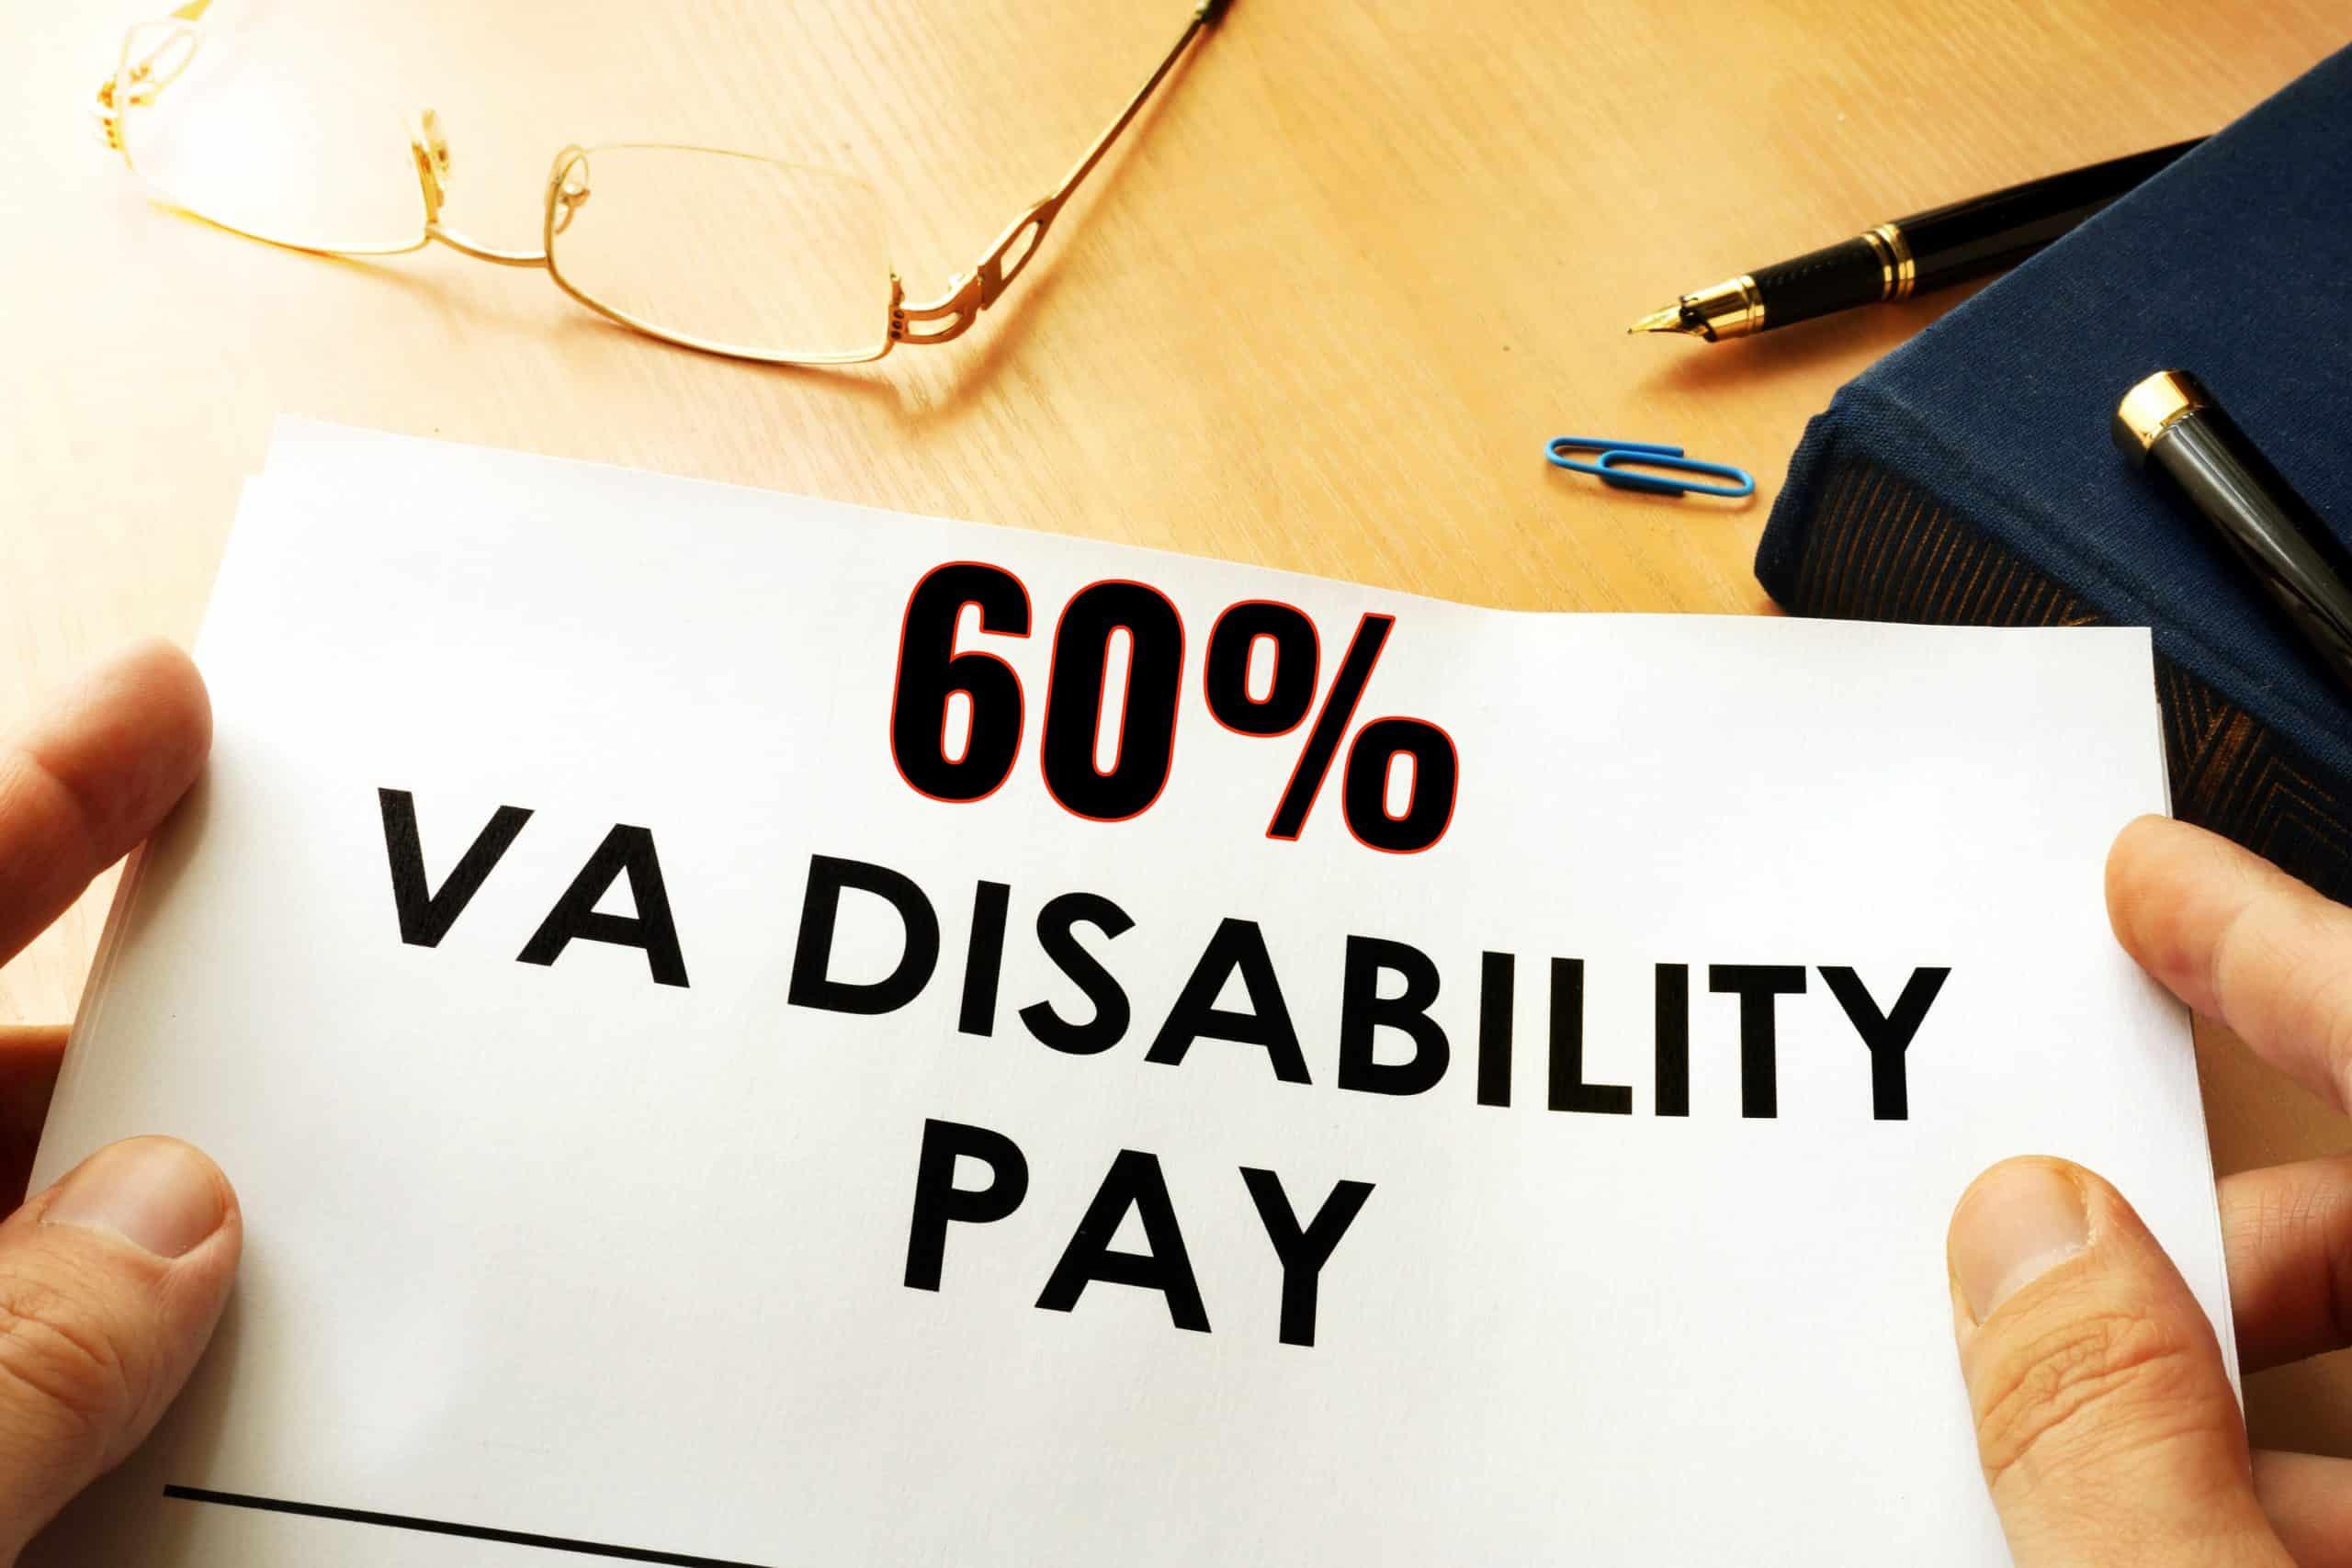 60 VA Disability Pay